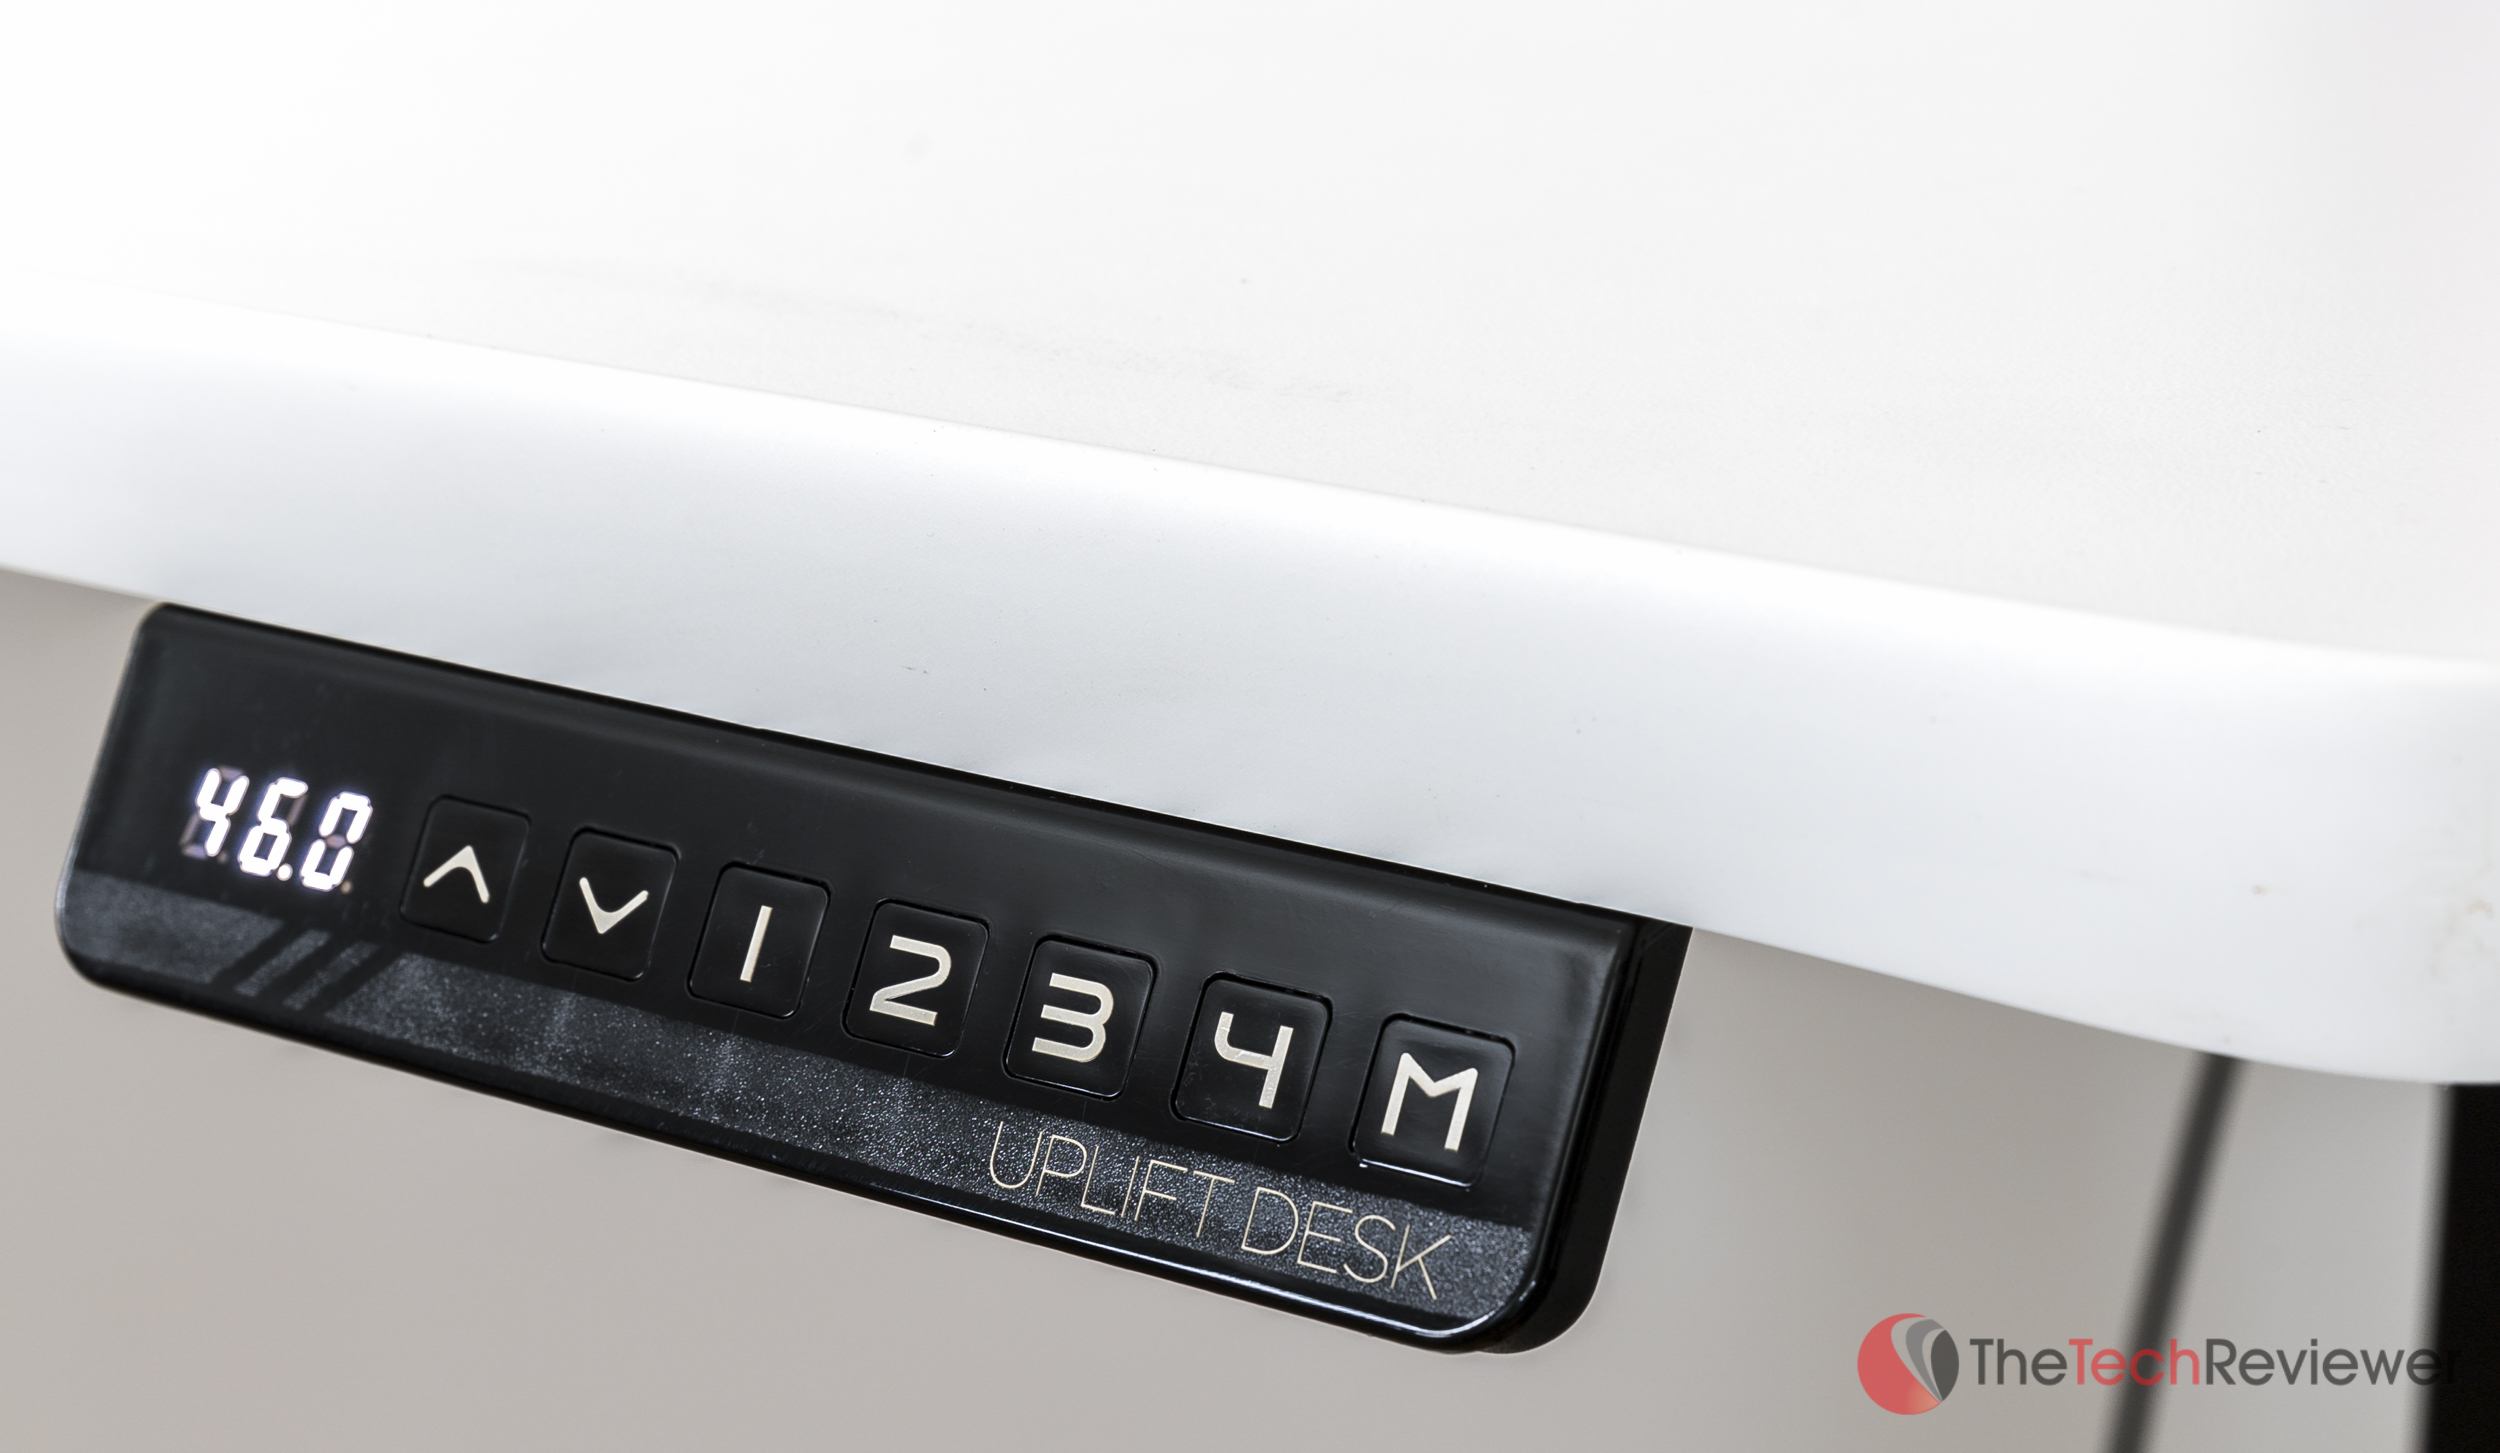 Uplift900-Desk (6 of 12)